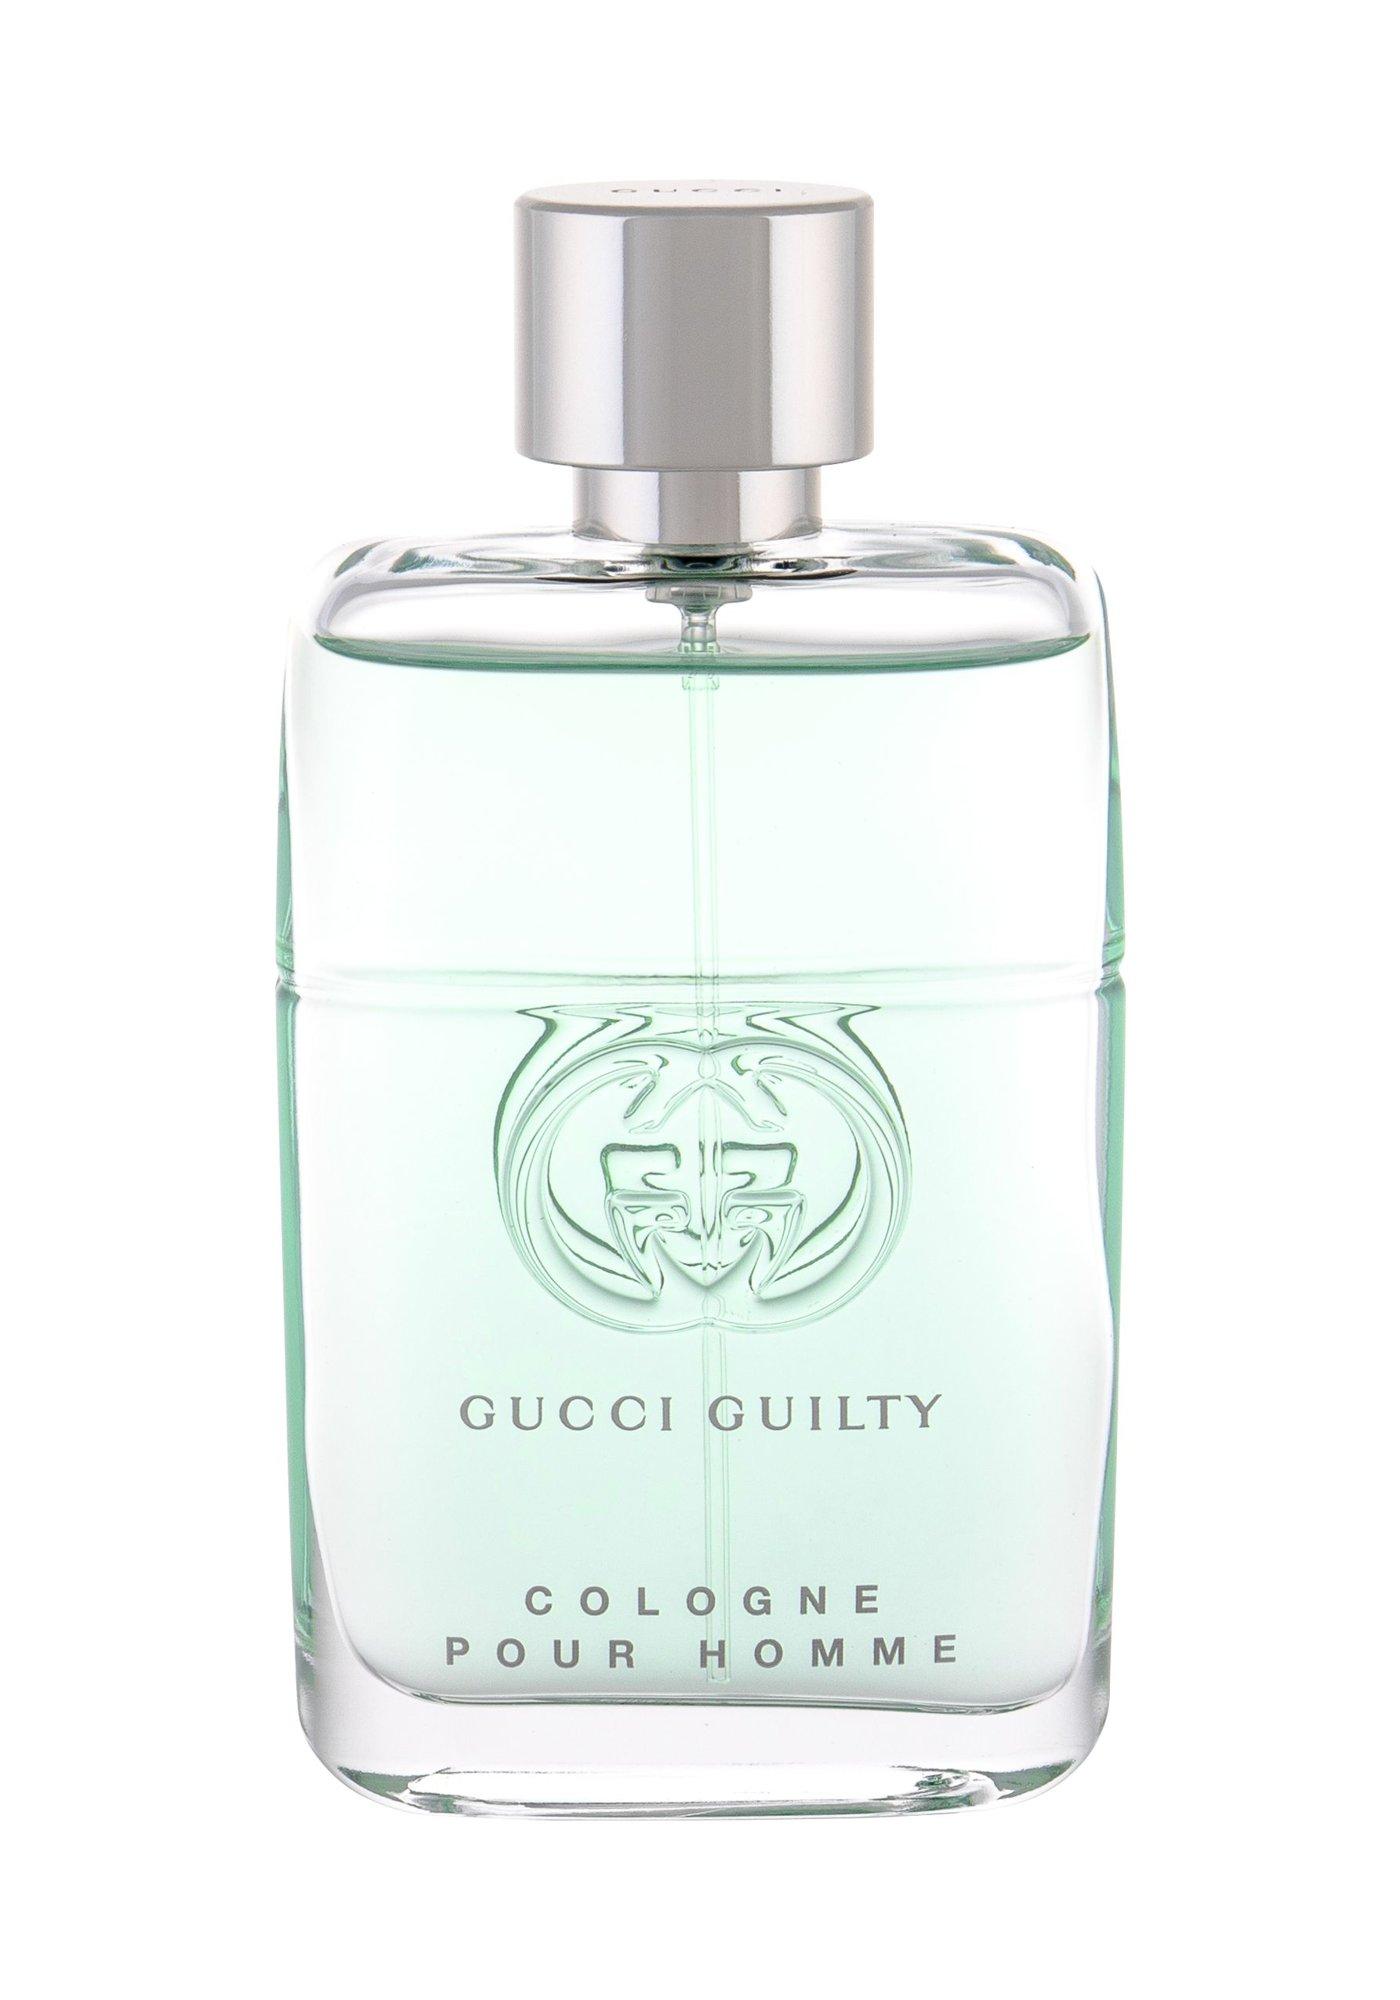 Gucci Gucci Guilty Eau de Toilette 50ml  Cologne Pour Homme